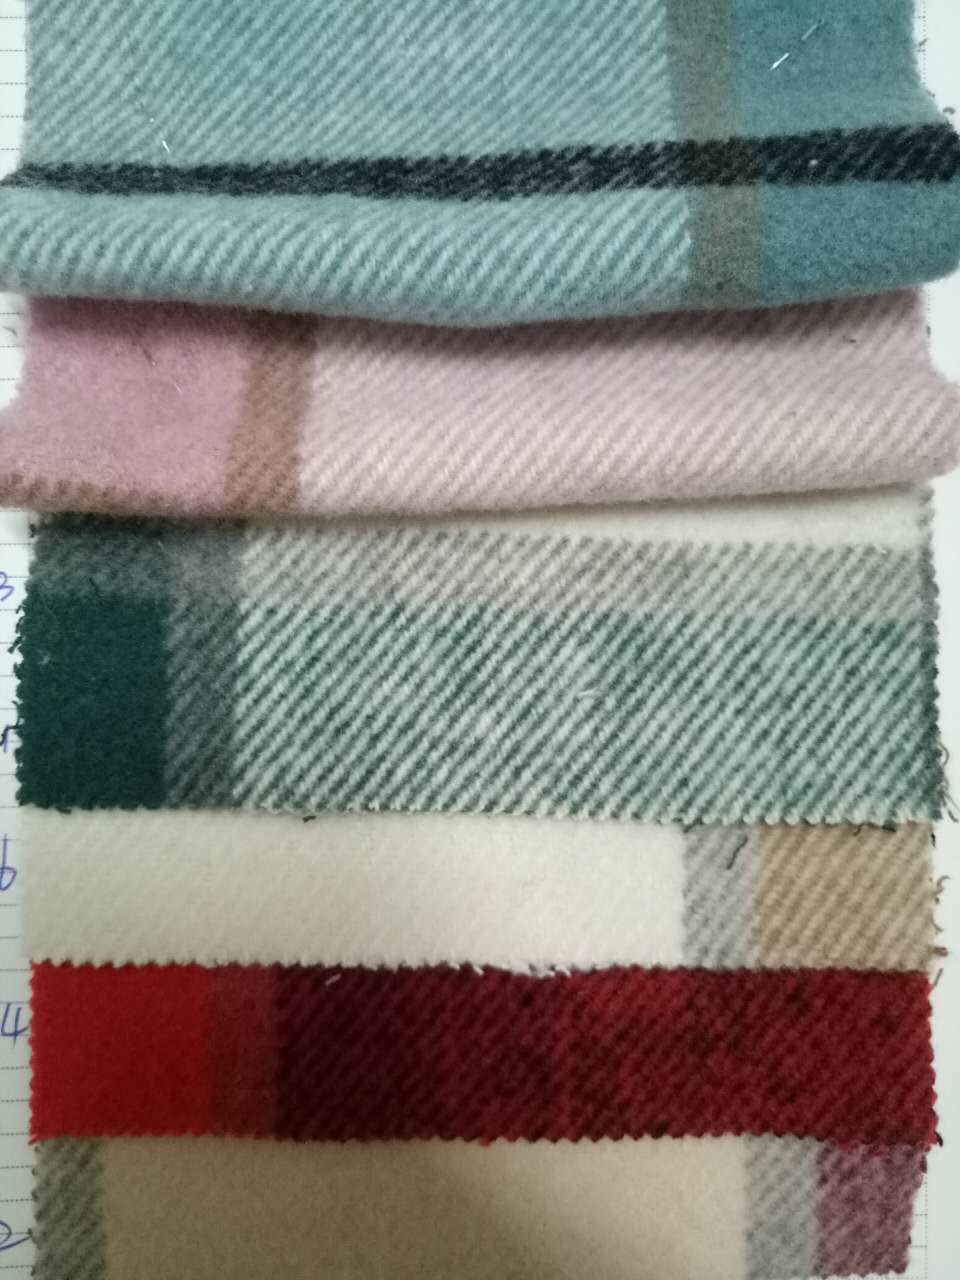 粗纺毛呢斜纹格子面料、深圳供应商、秋冬面料上架